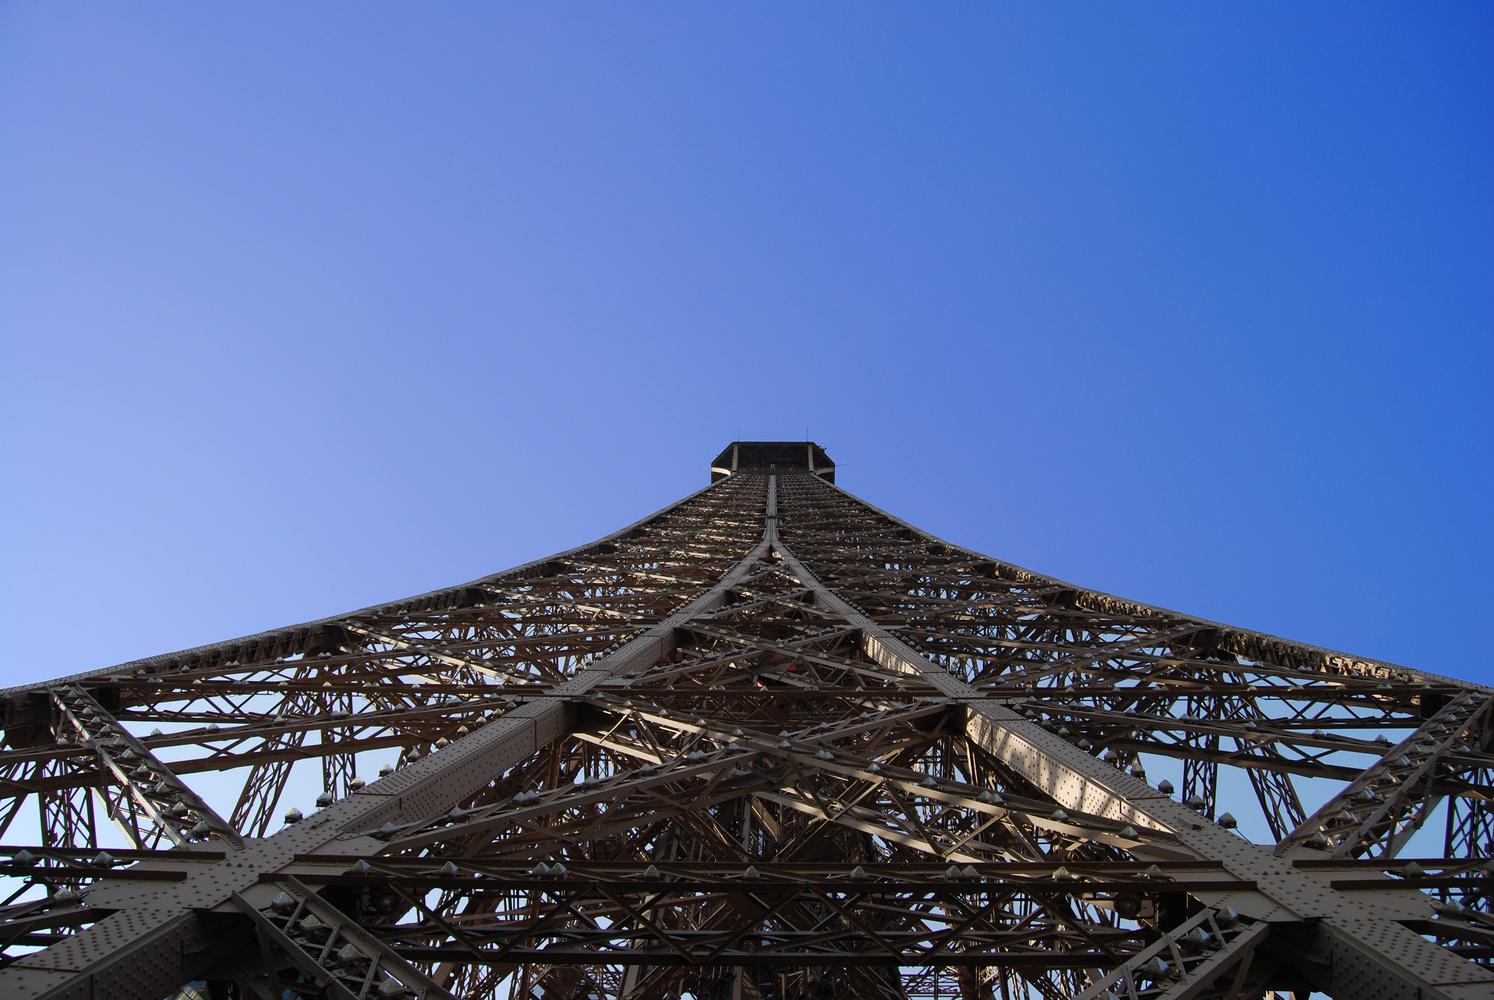 Eiffel Tower by John Nicholson